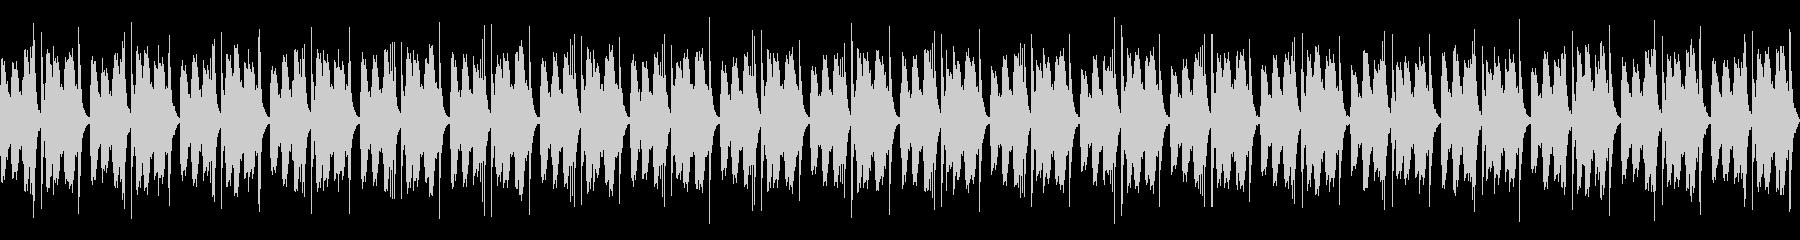 [和太鼓二重奏]盆踊りの大太鼓02の未再生の波形